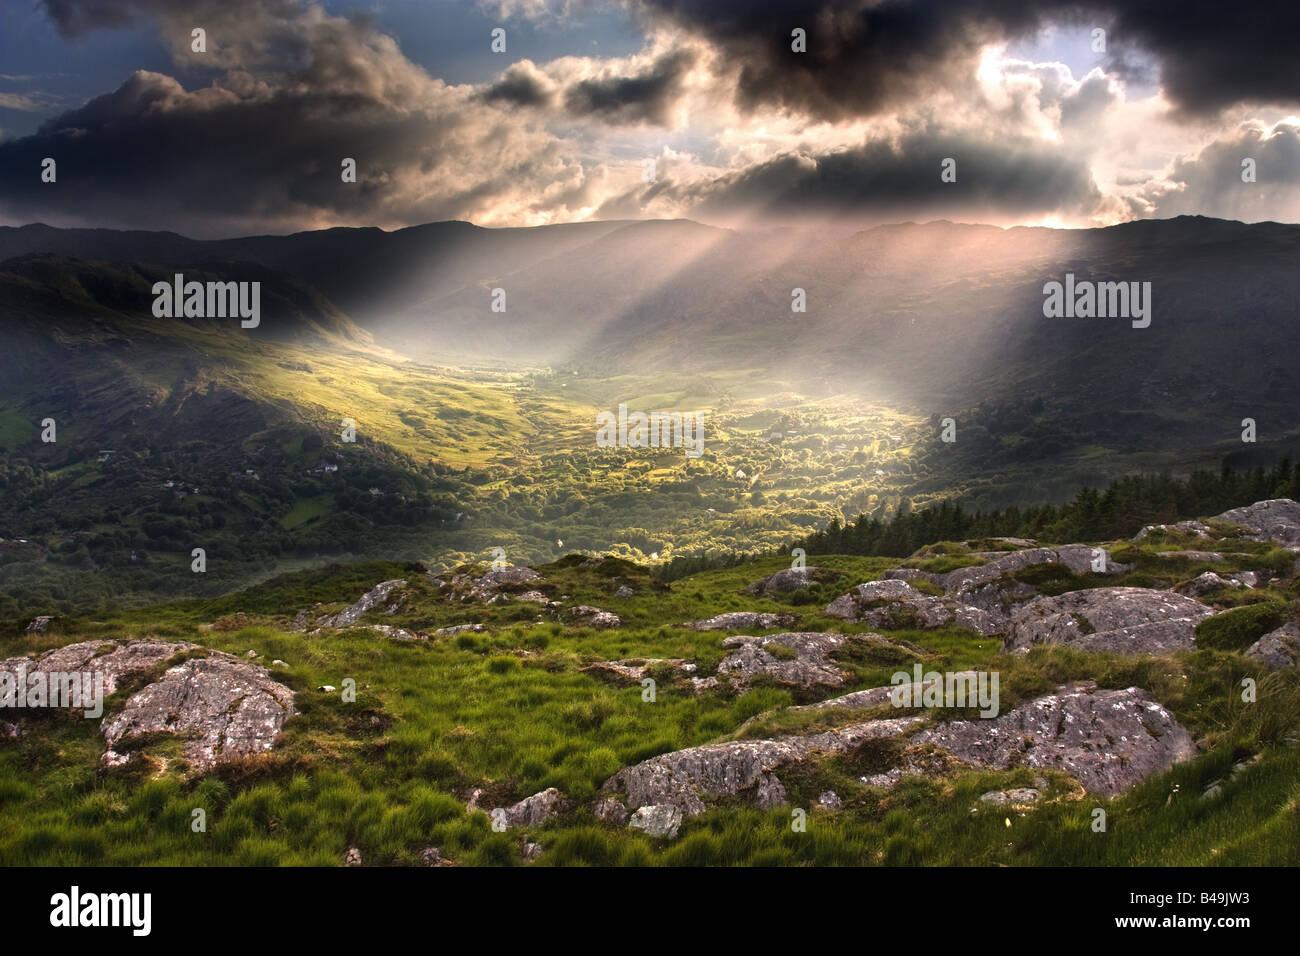 Les rayons du soleil sur la route entre Cork et Kerry, Irlande. Photo Stock